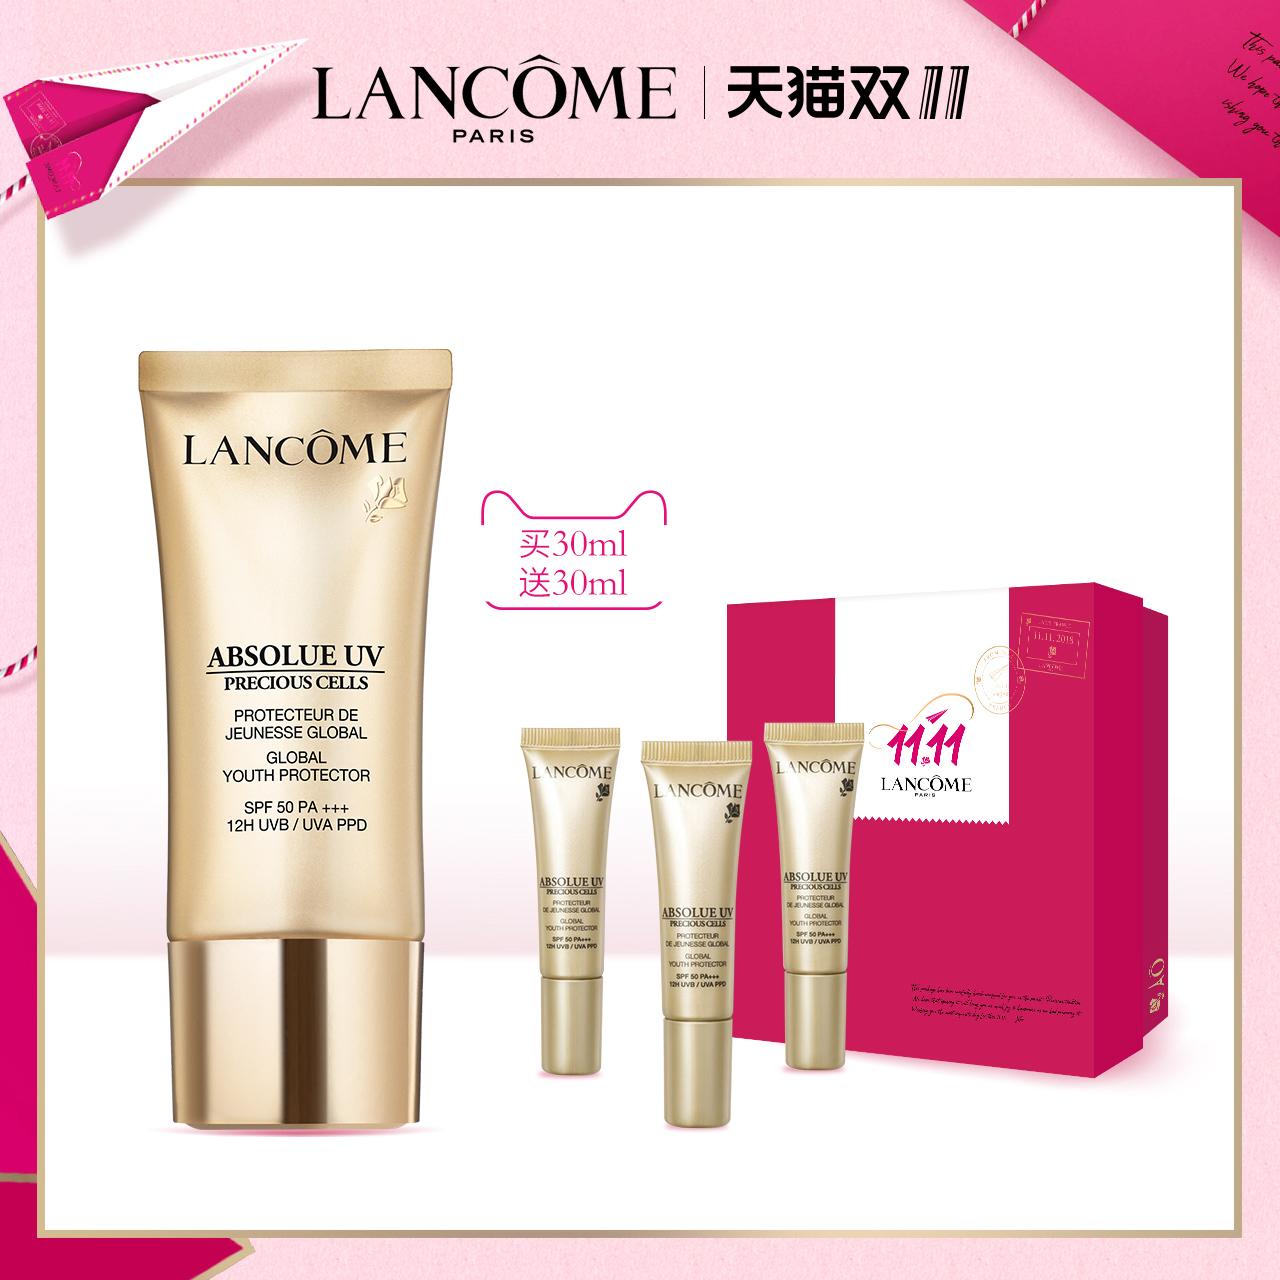 防护UV保湿SPF5050ml兰蔻菁纯臻颜防晒隔离乳预售11.11